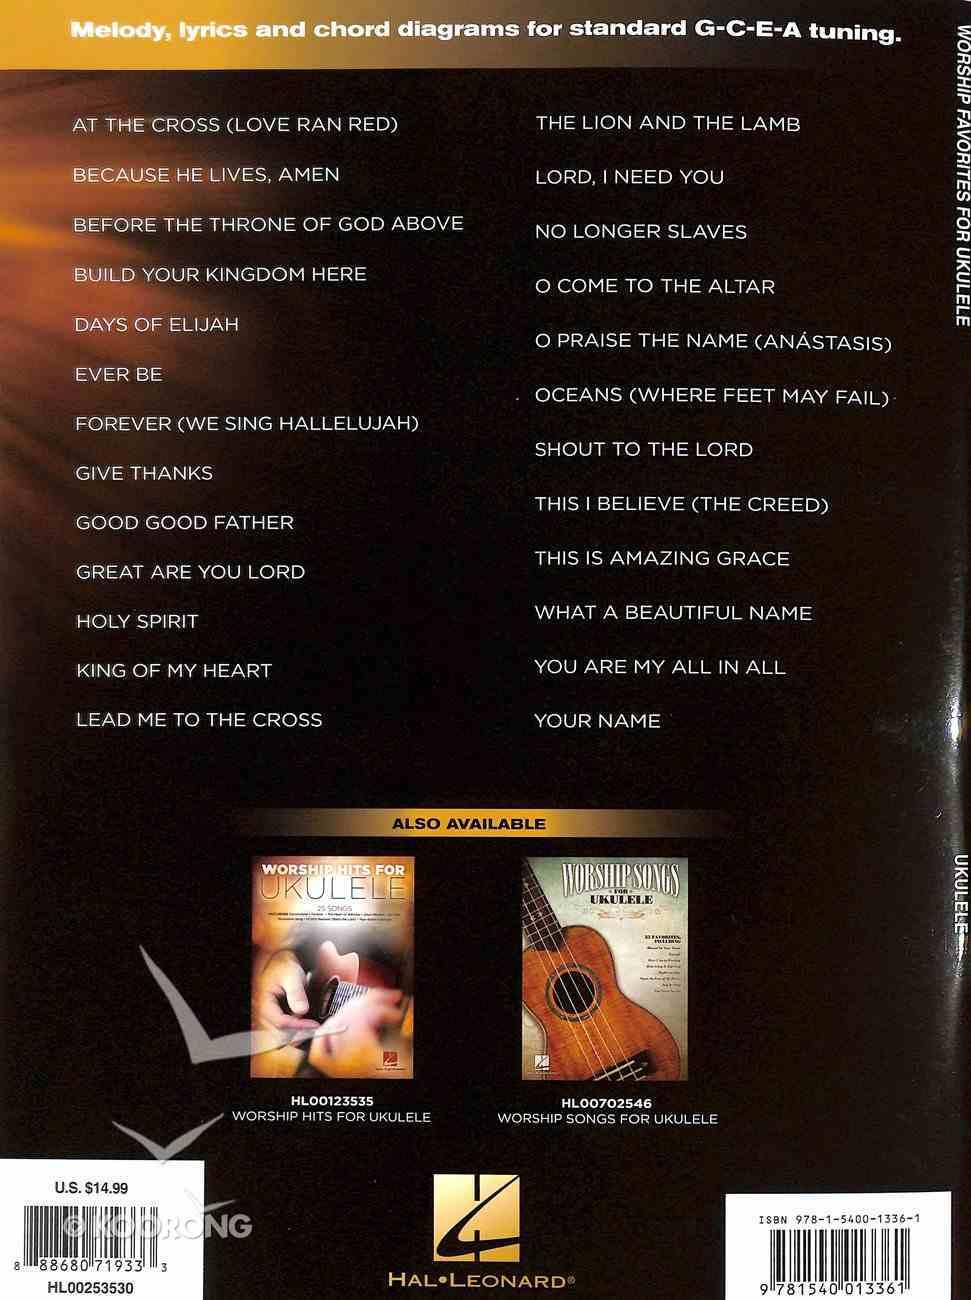 Worship Favorites For Ukulele: 25 Songs to Strum & Sing (Music Book) Paperback